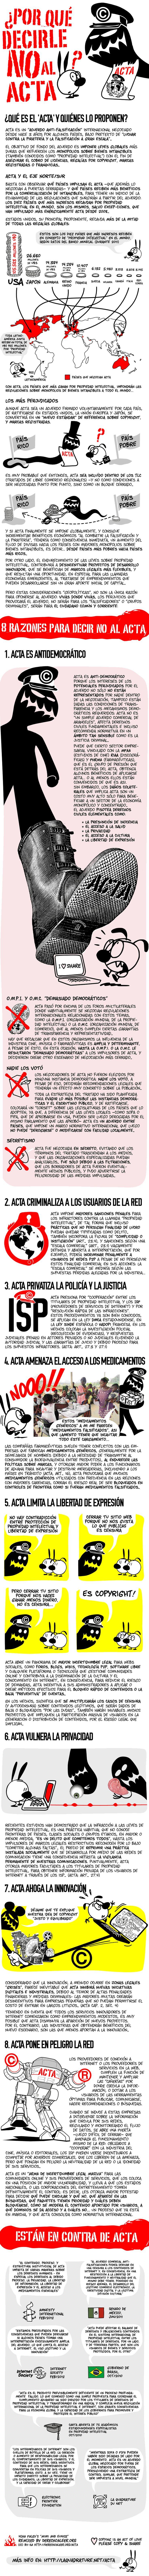 Razones para oponerse al ACTA. Bien explicaditas, en un estilo que me gusta (del formato no estoy tan seguro).